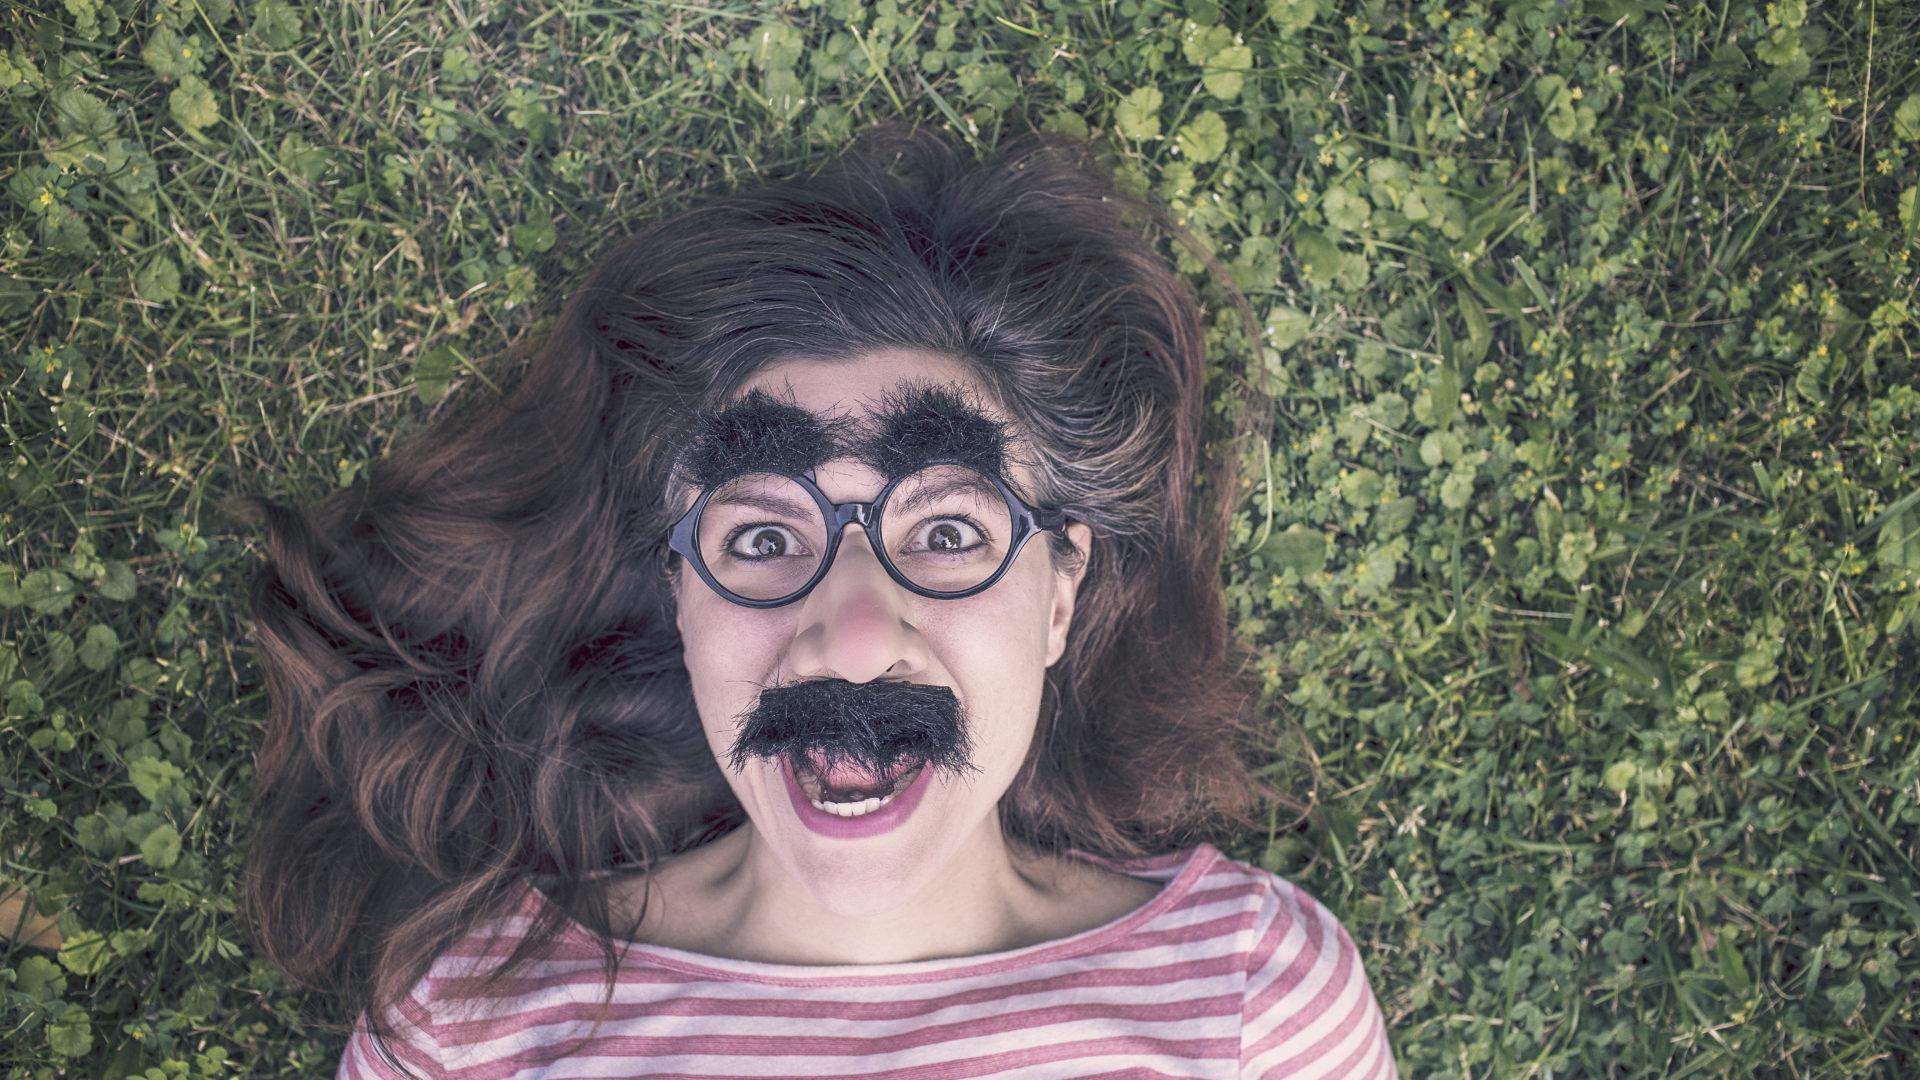 Люди с отталкивающей внешностью зарабатывают намного больше симпатяг